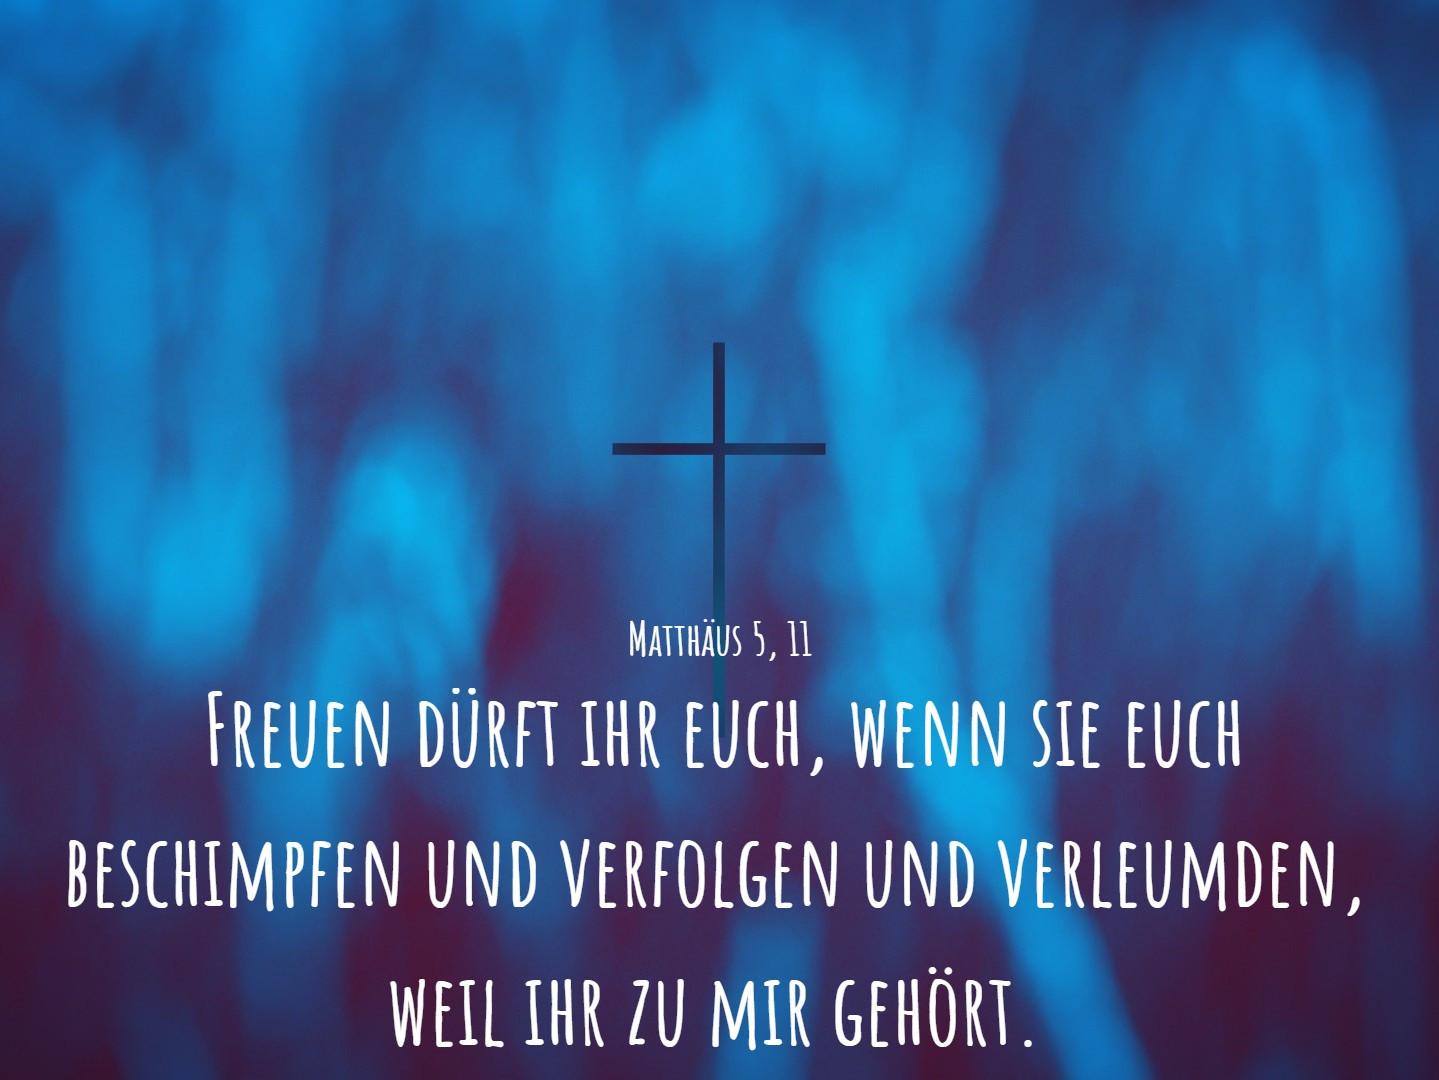 Matthäus 5,11.jpeg